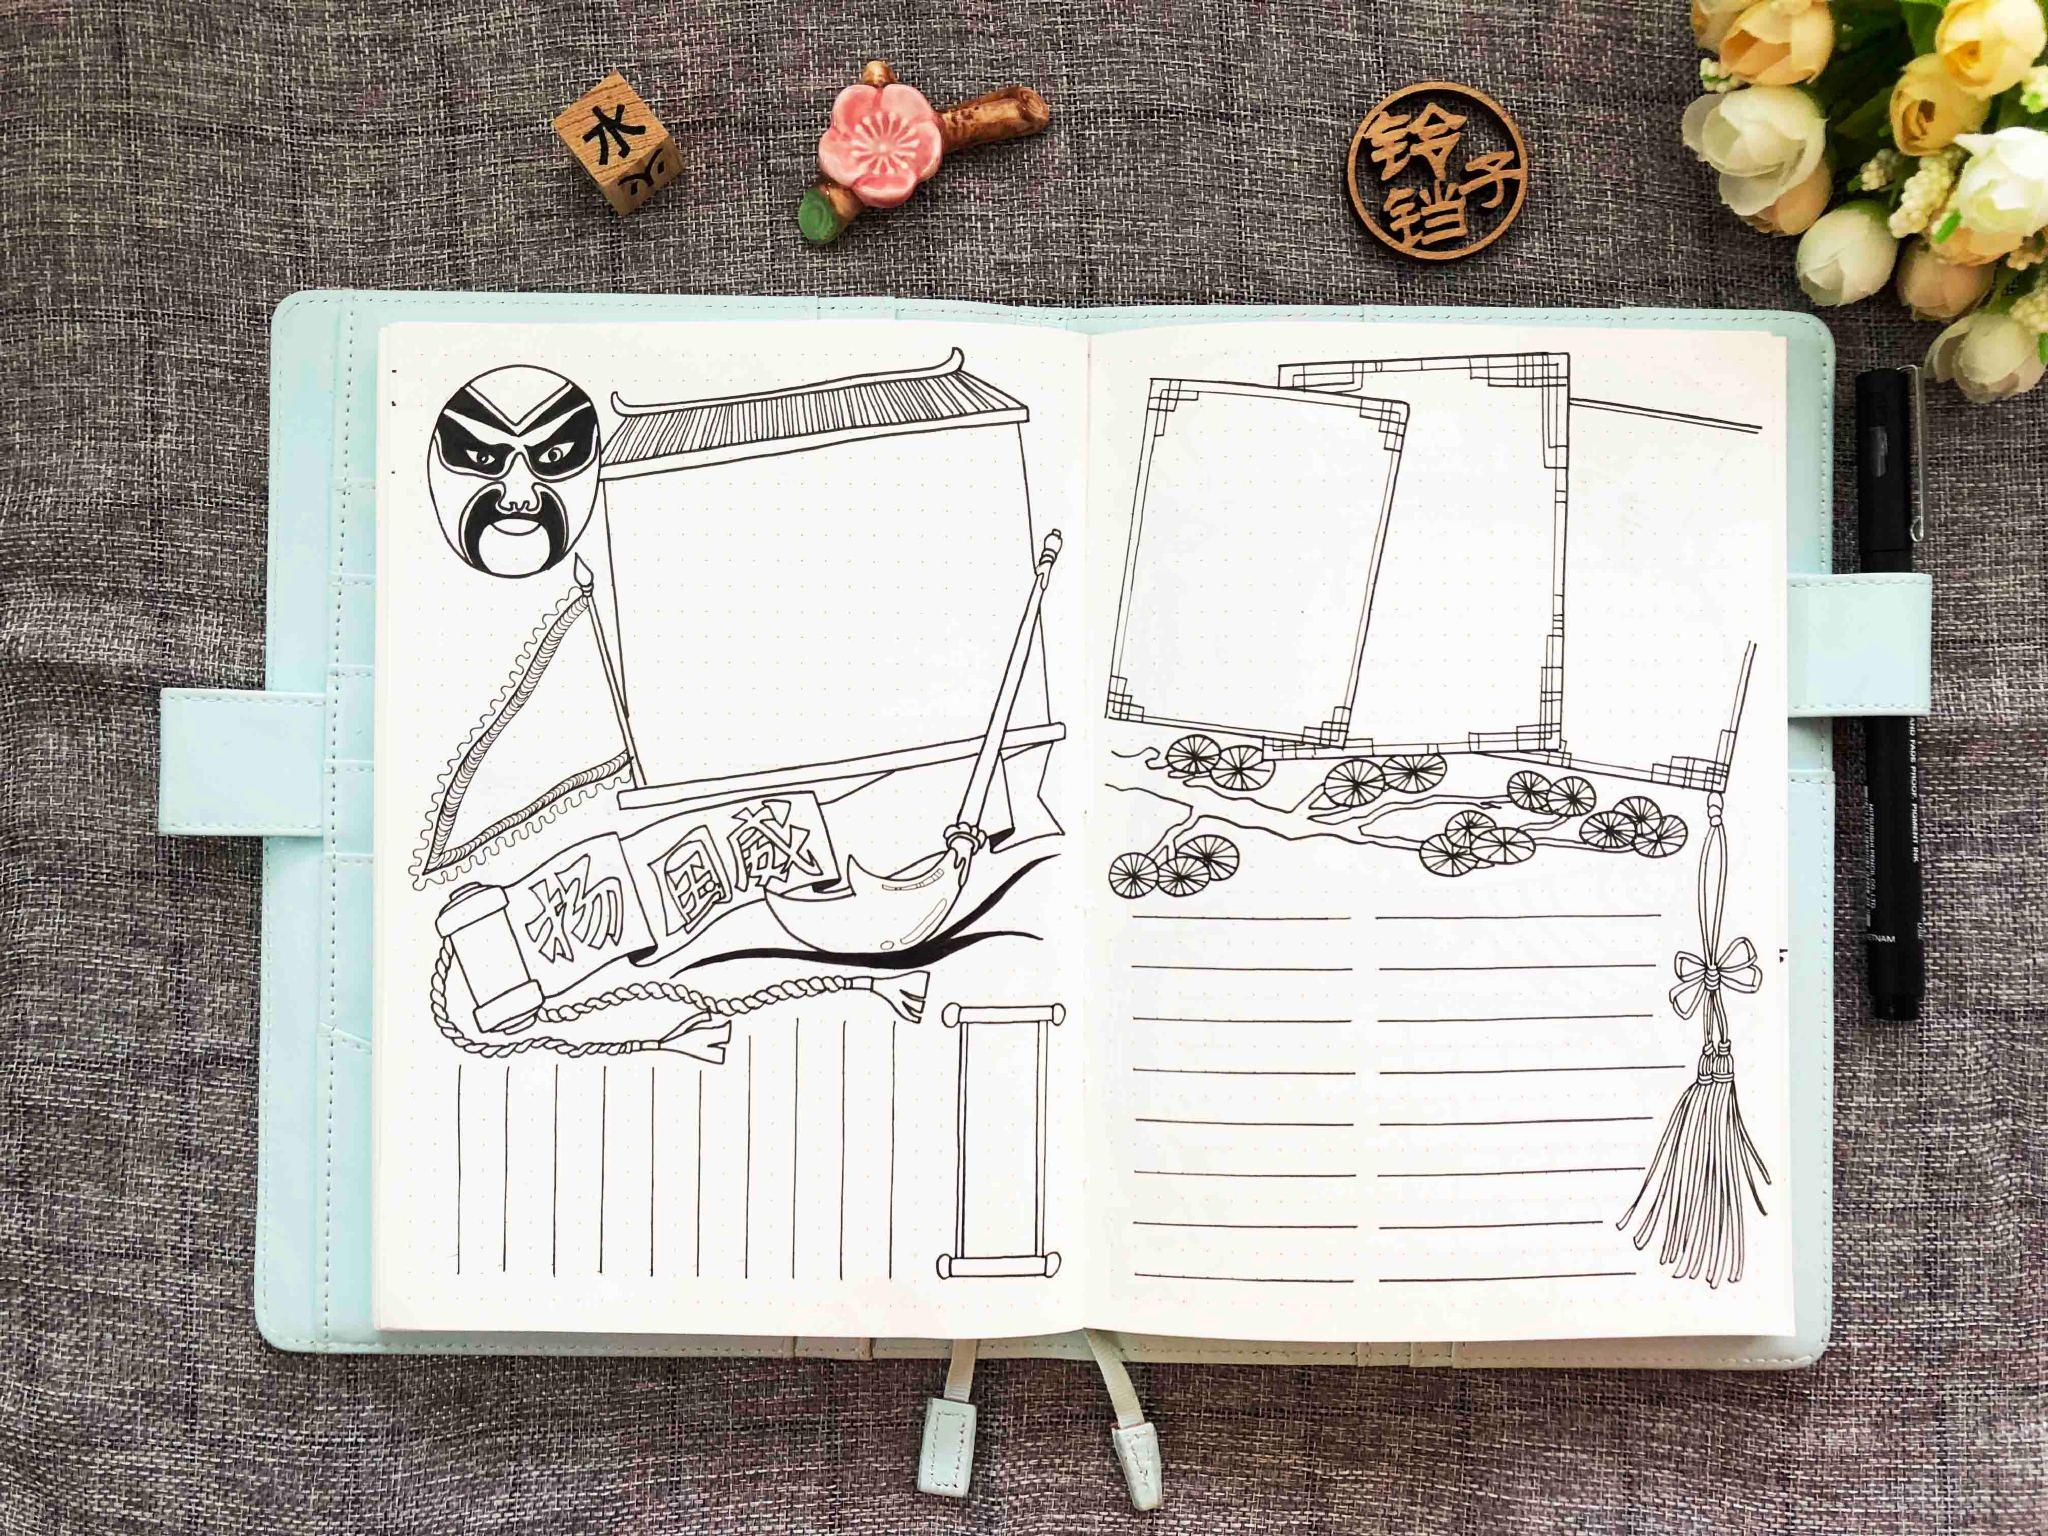 和铃铛子学简笔画 以下是 铃铛子手账 临摹的作品 原作者卡卡老师